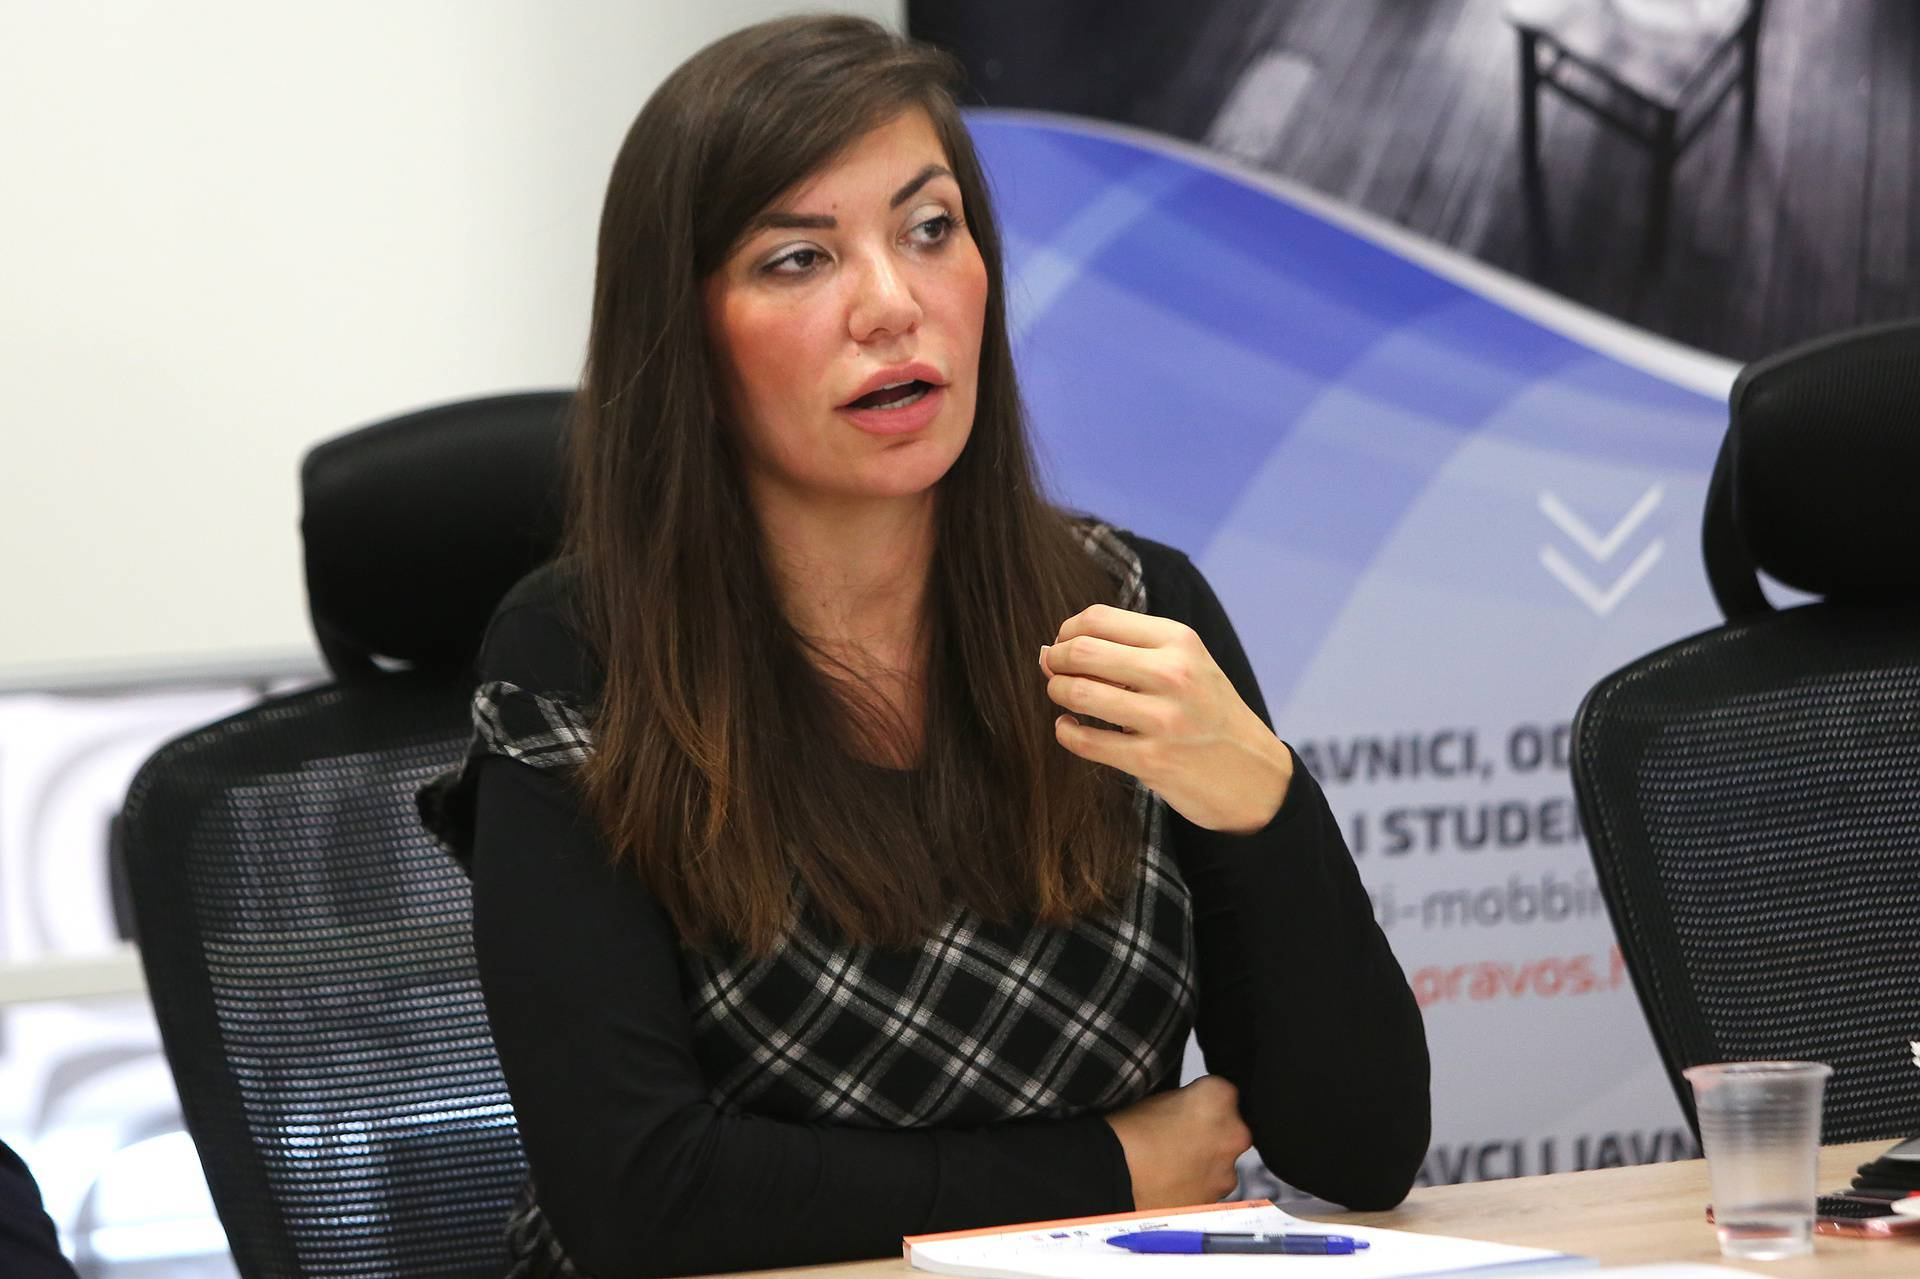 Snježana Vasiljević mogla bi u Vladi predstavljati manjine?